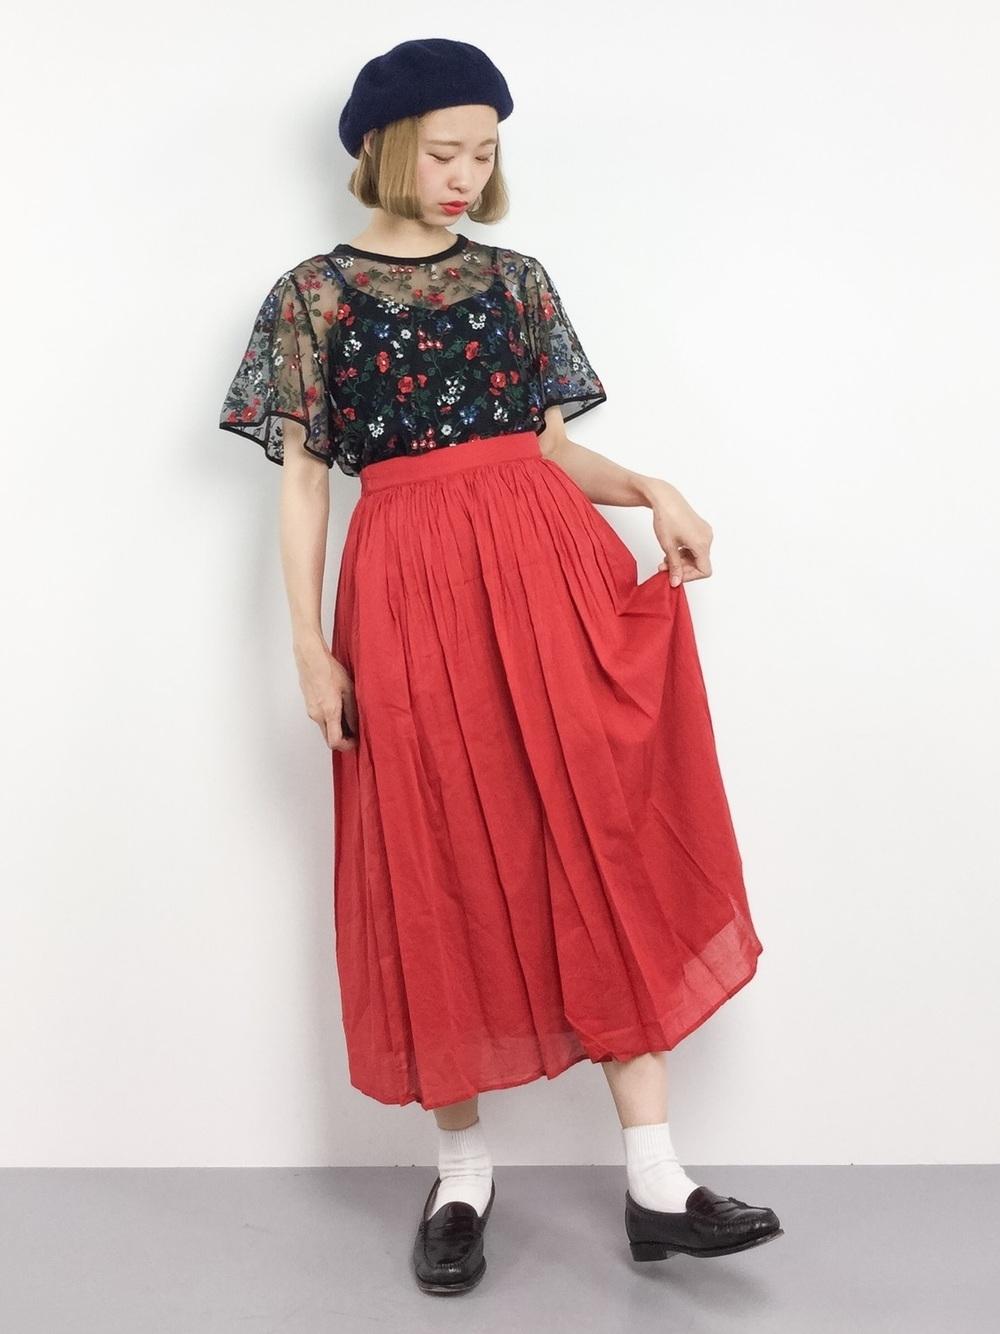 赤スカートに視線を集めて肌見せをヘルシーに